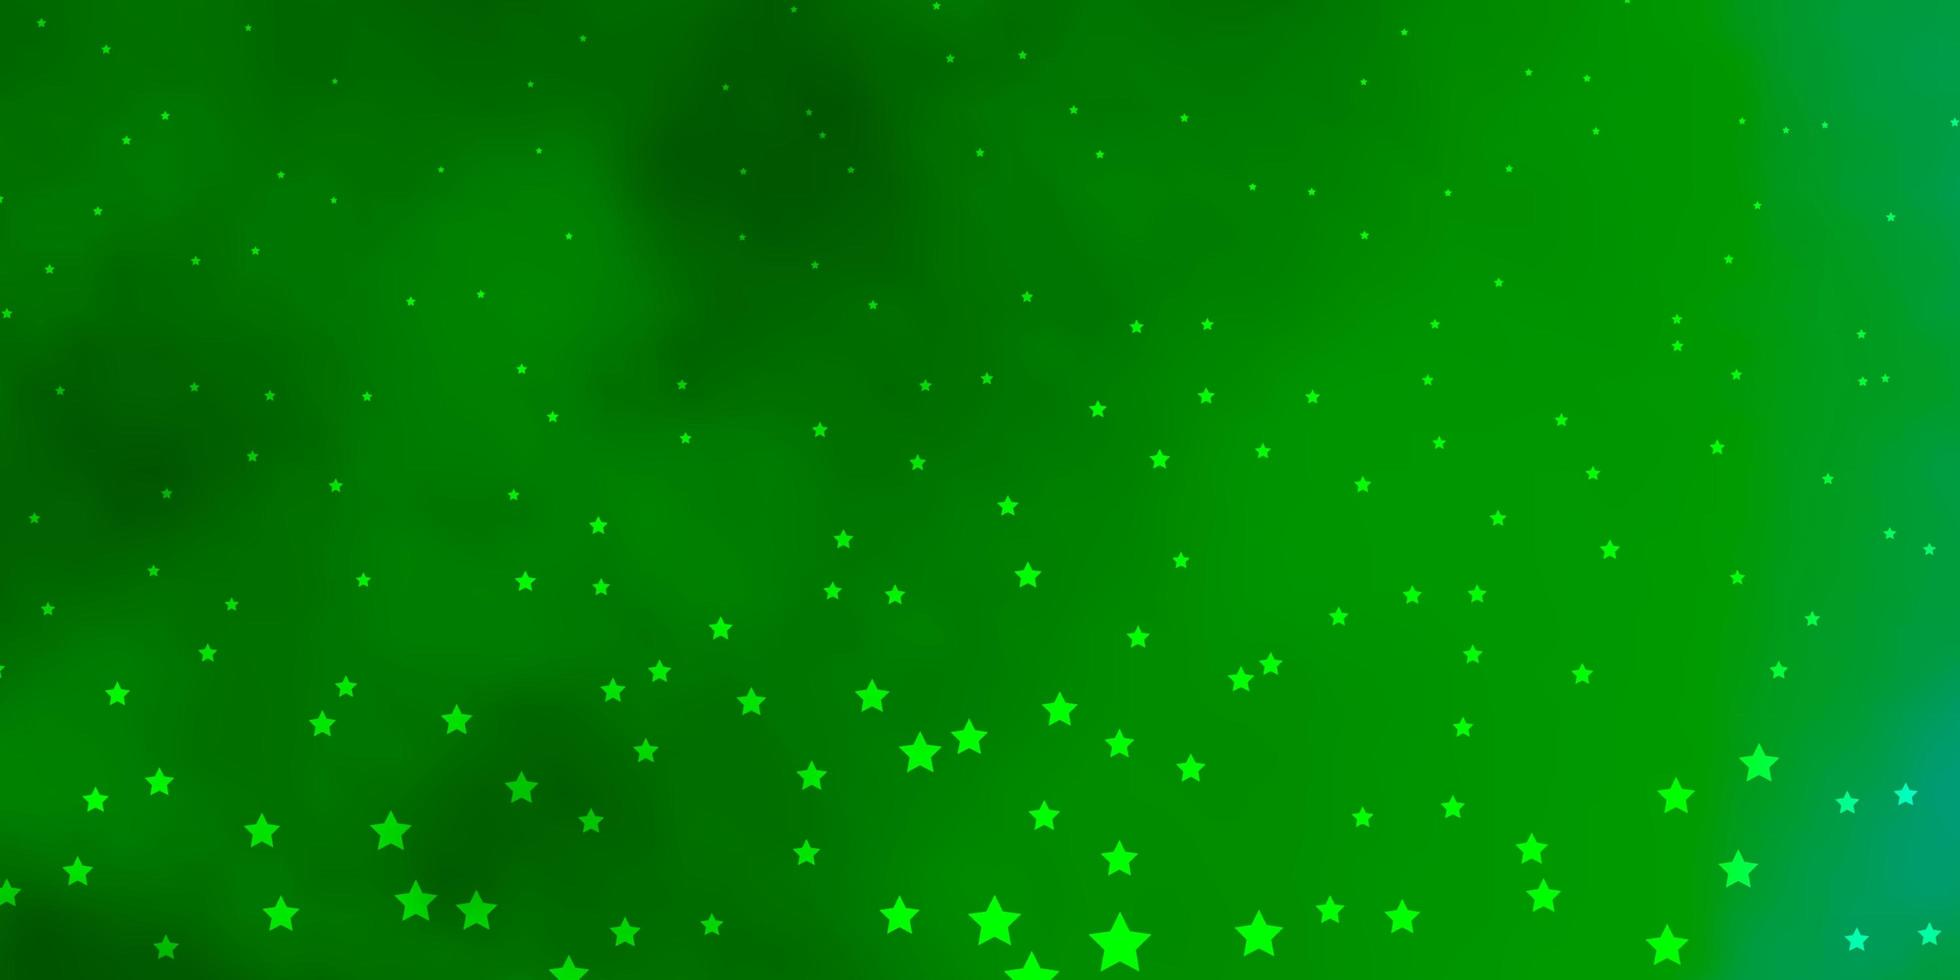 groene textuur met prachtige sterren. vector